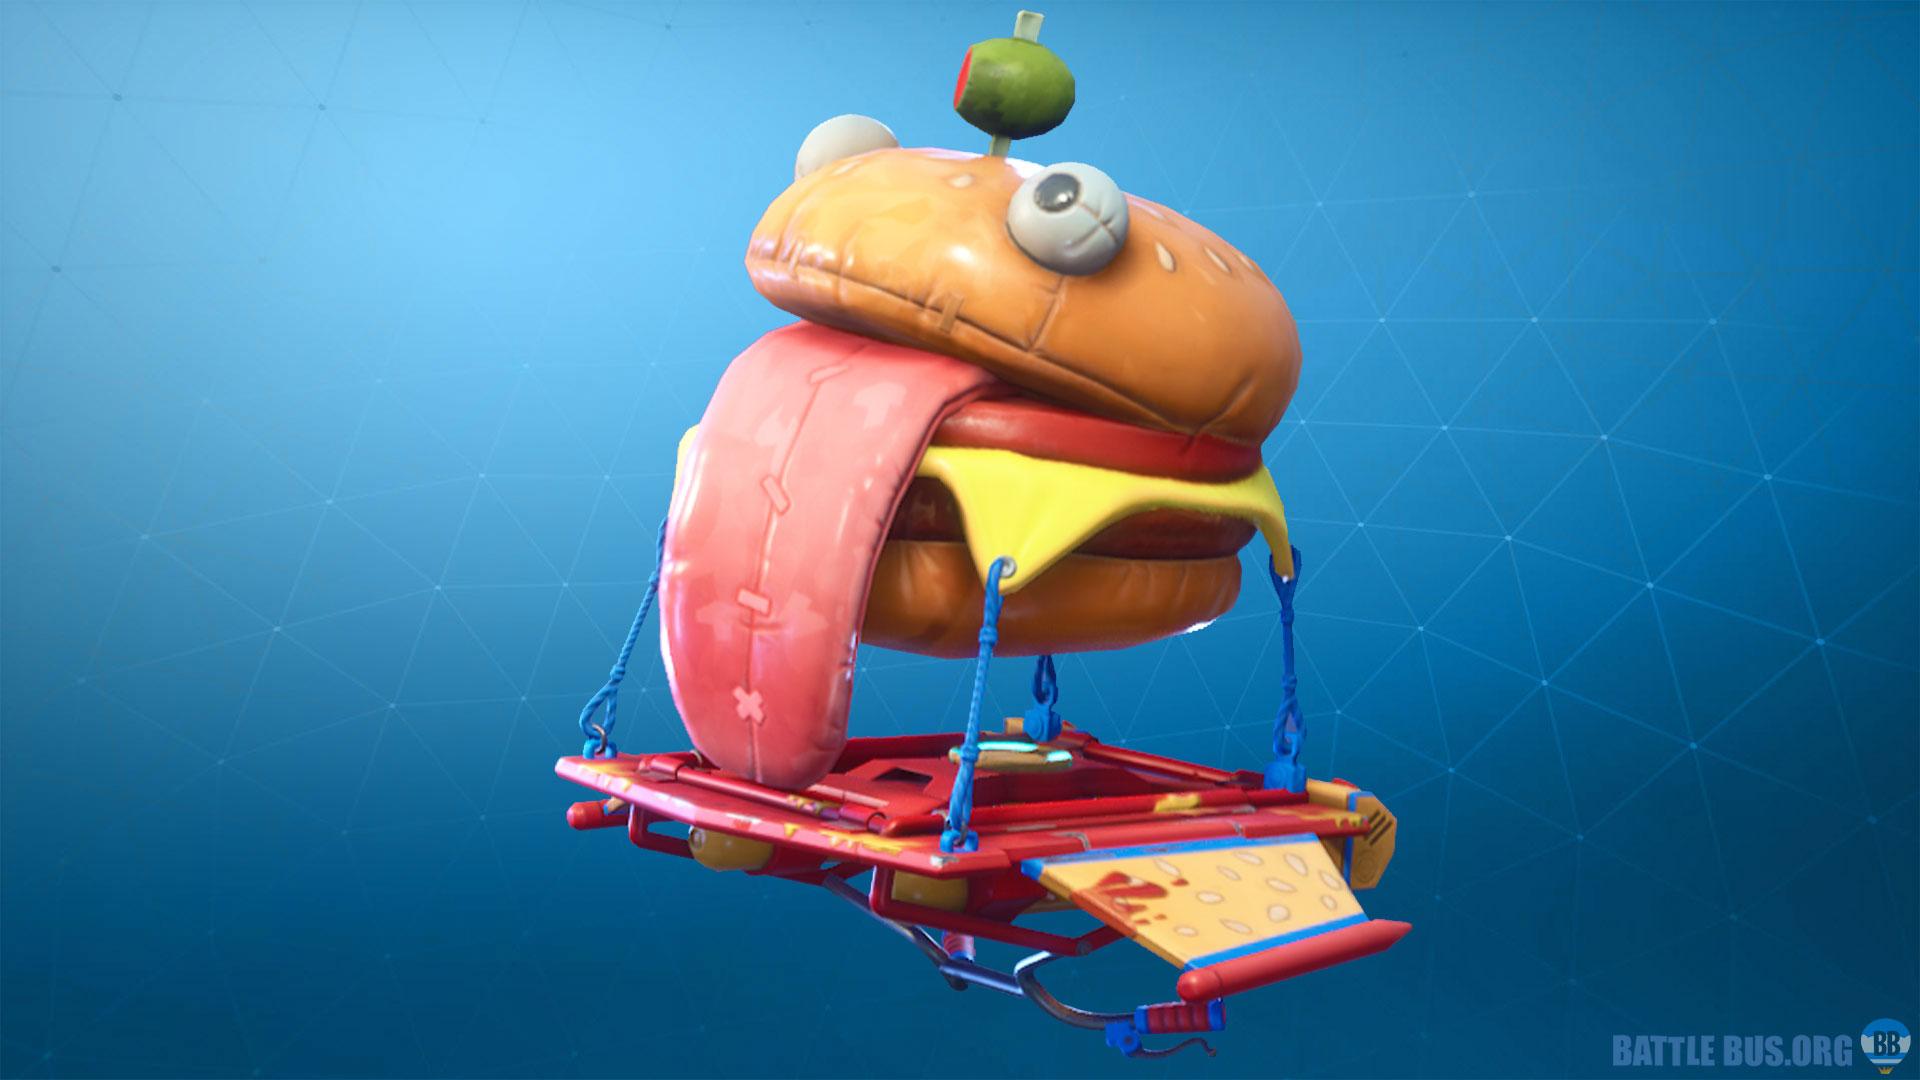 Glidurrr Glider fortnite Durrr Burger